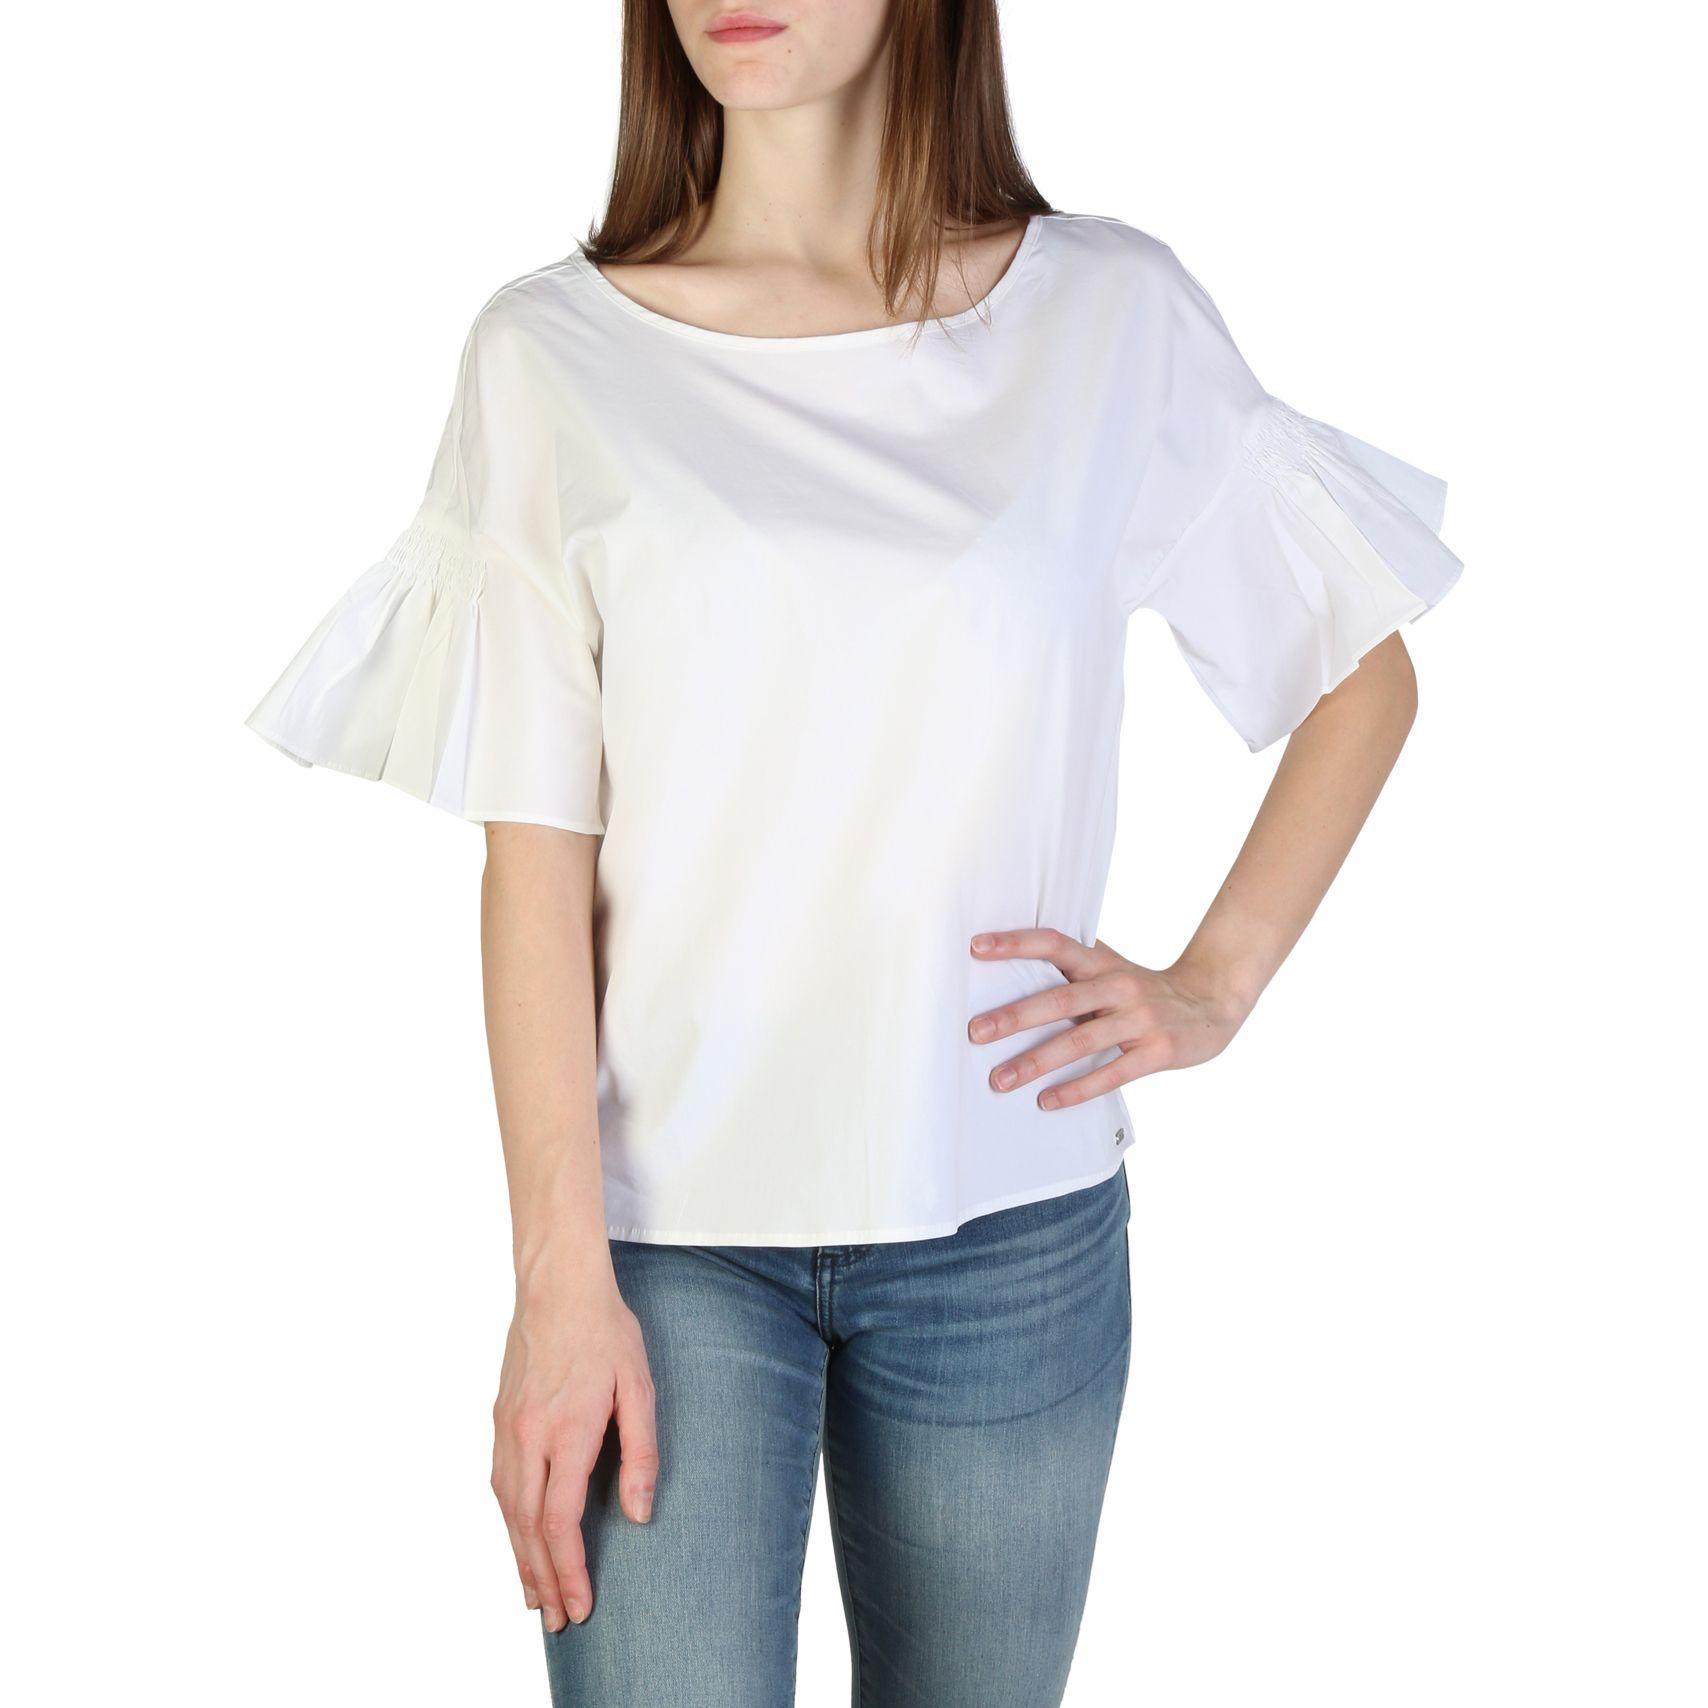 ARMANI EXCHANGE Maglia bianca con maniche volant Abbigliamento